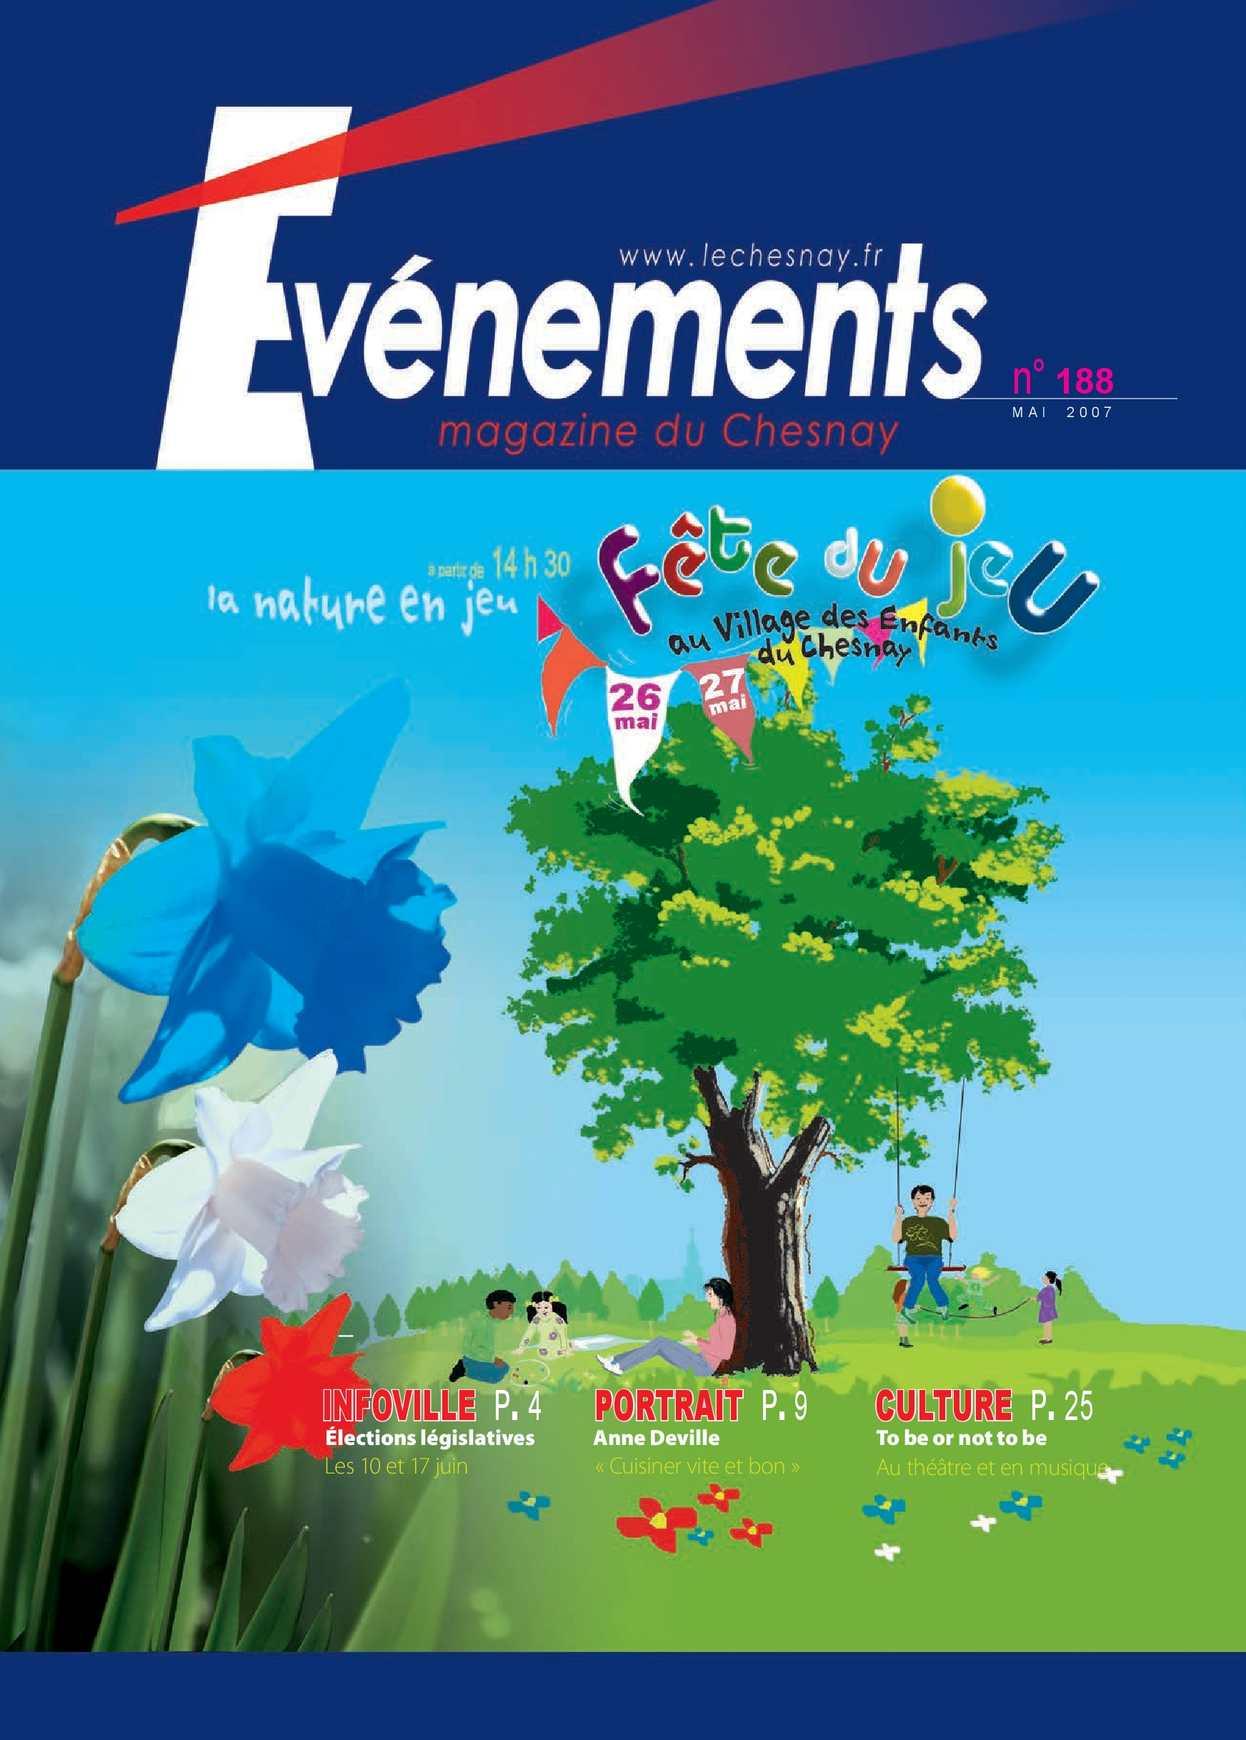 Le Rendez Vous Enchanté Le Chesnay calaméo - evènements n° 188